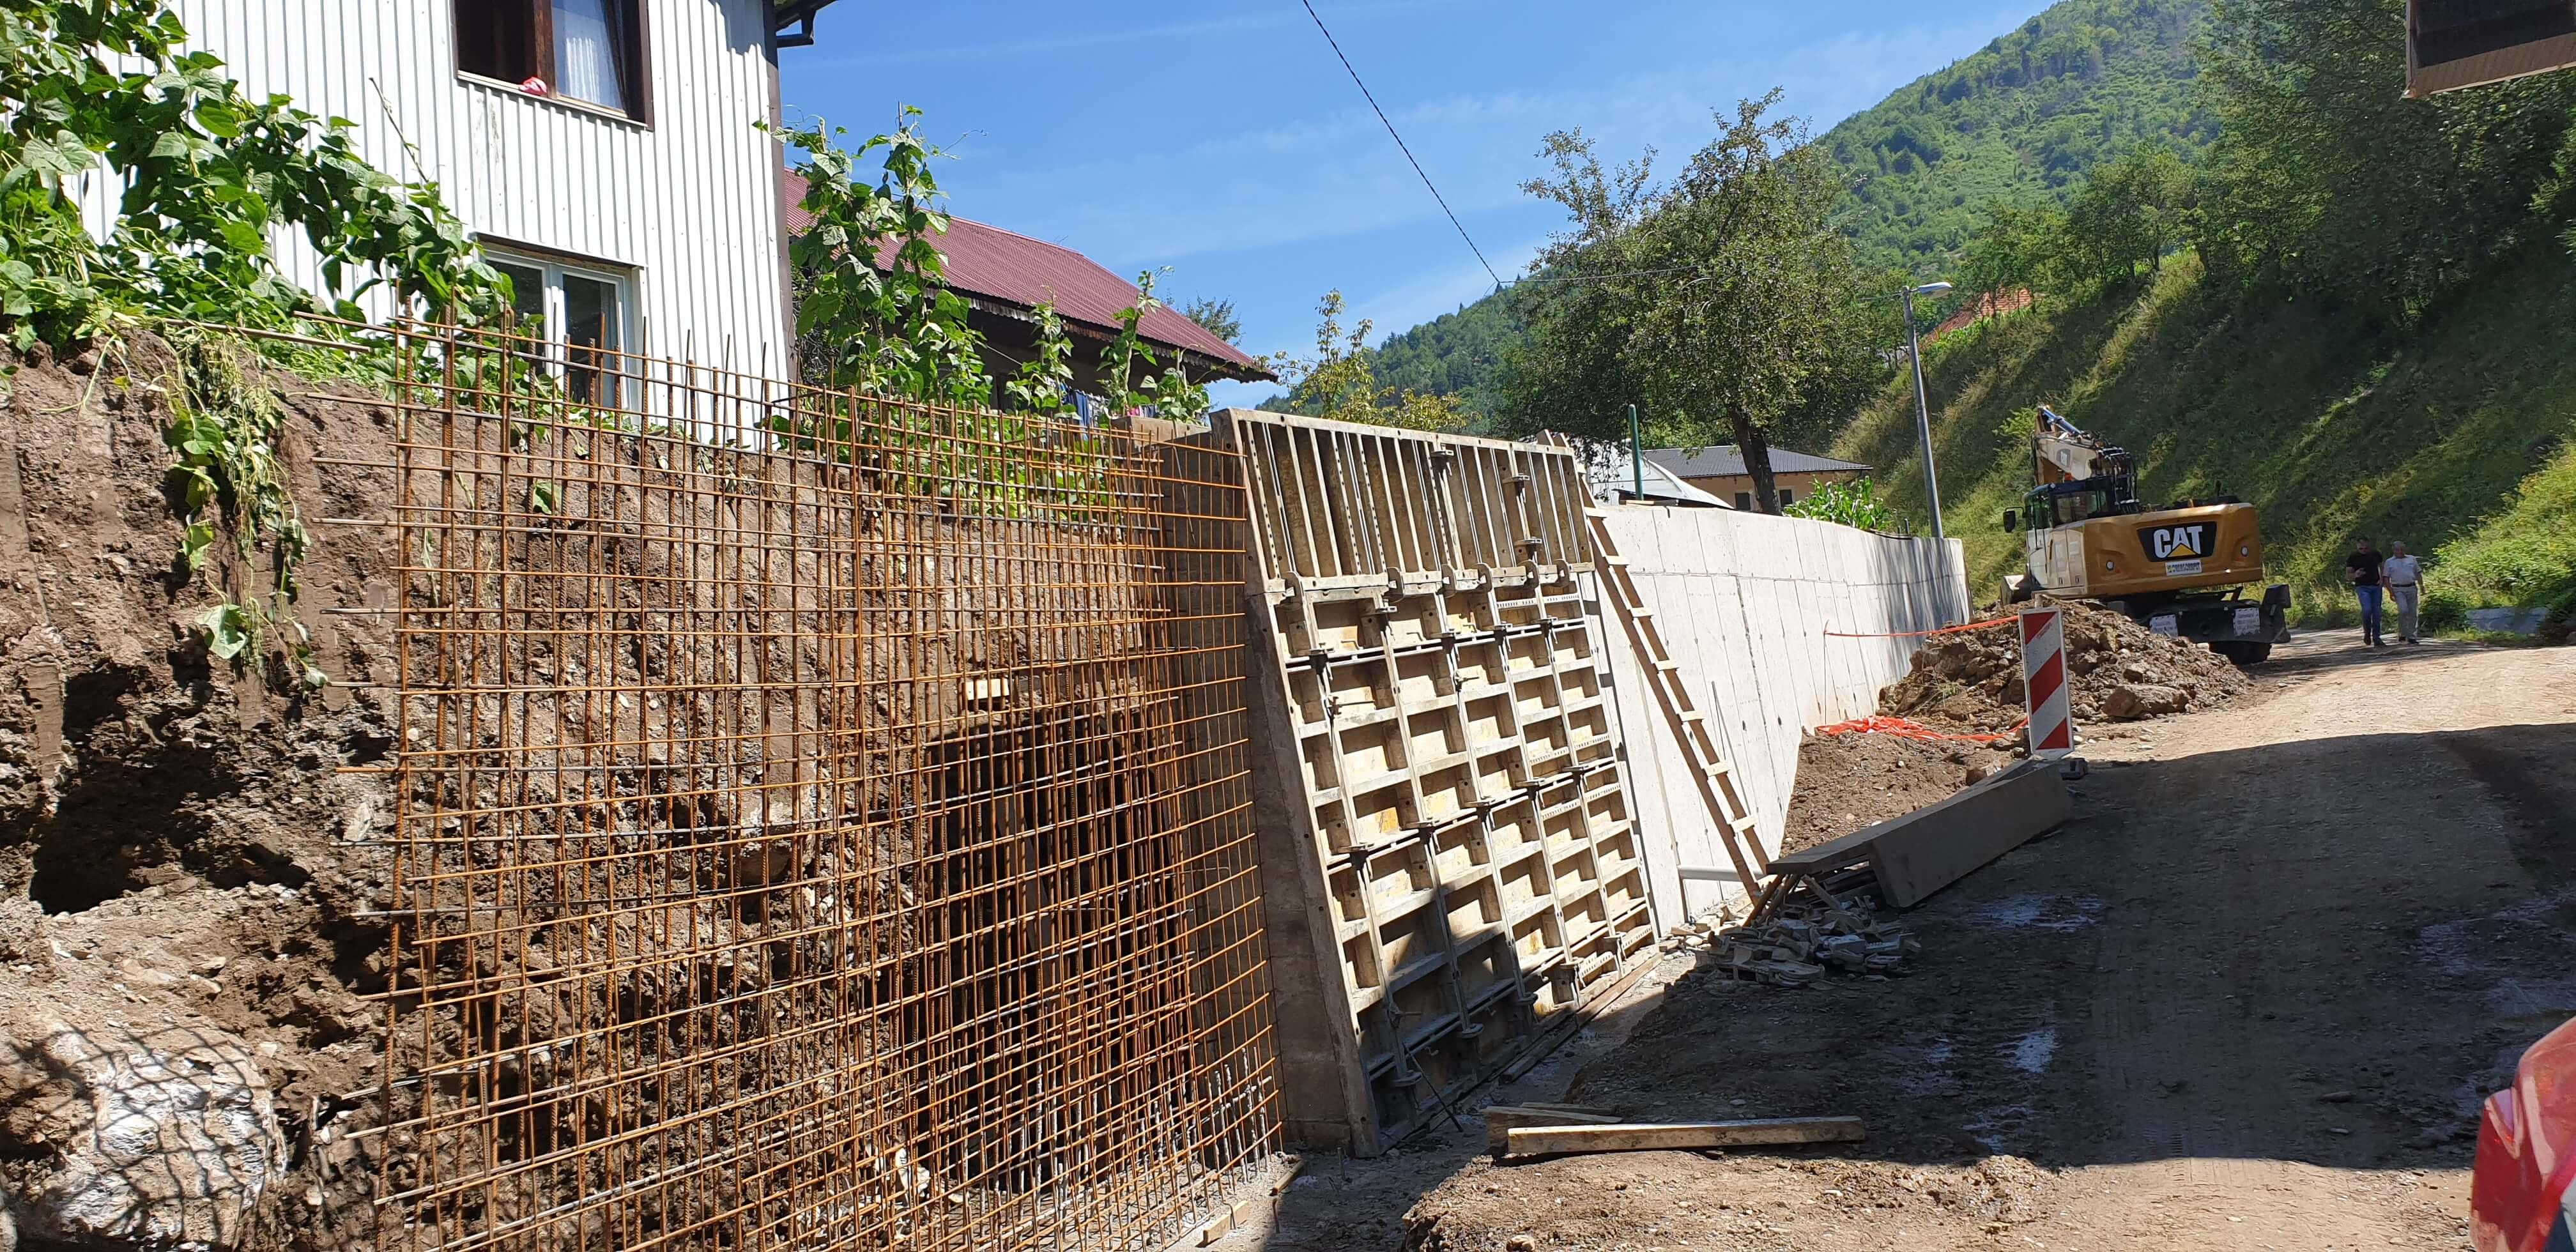 Canović: Izabran izvođač za nastavak radova u Prnjavorskoj, vrijednost projekta 400 hiljada